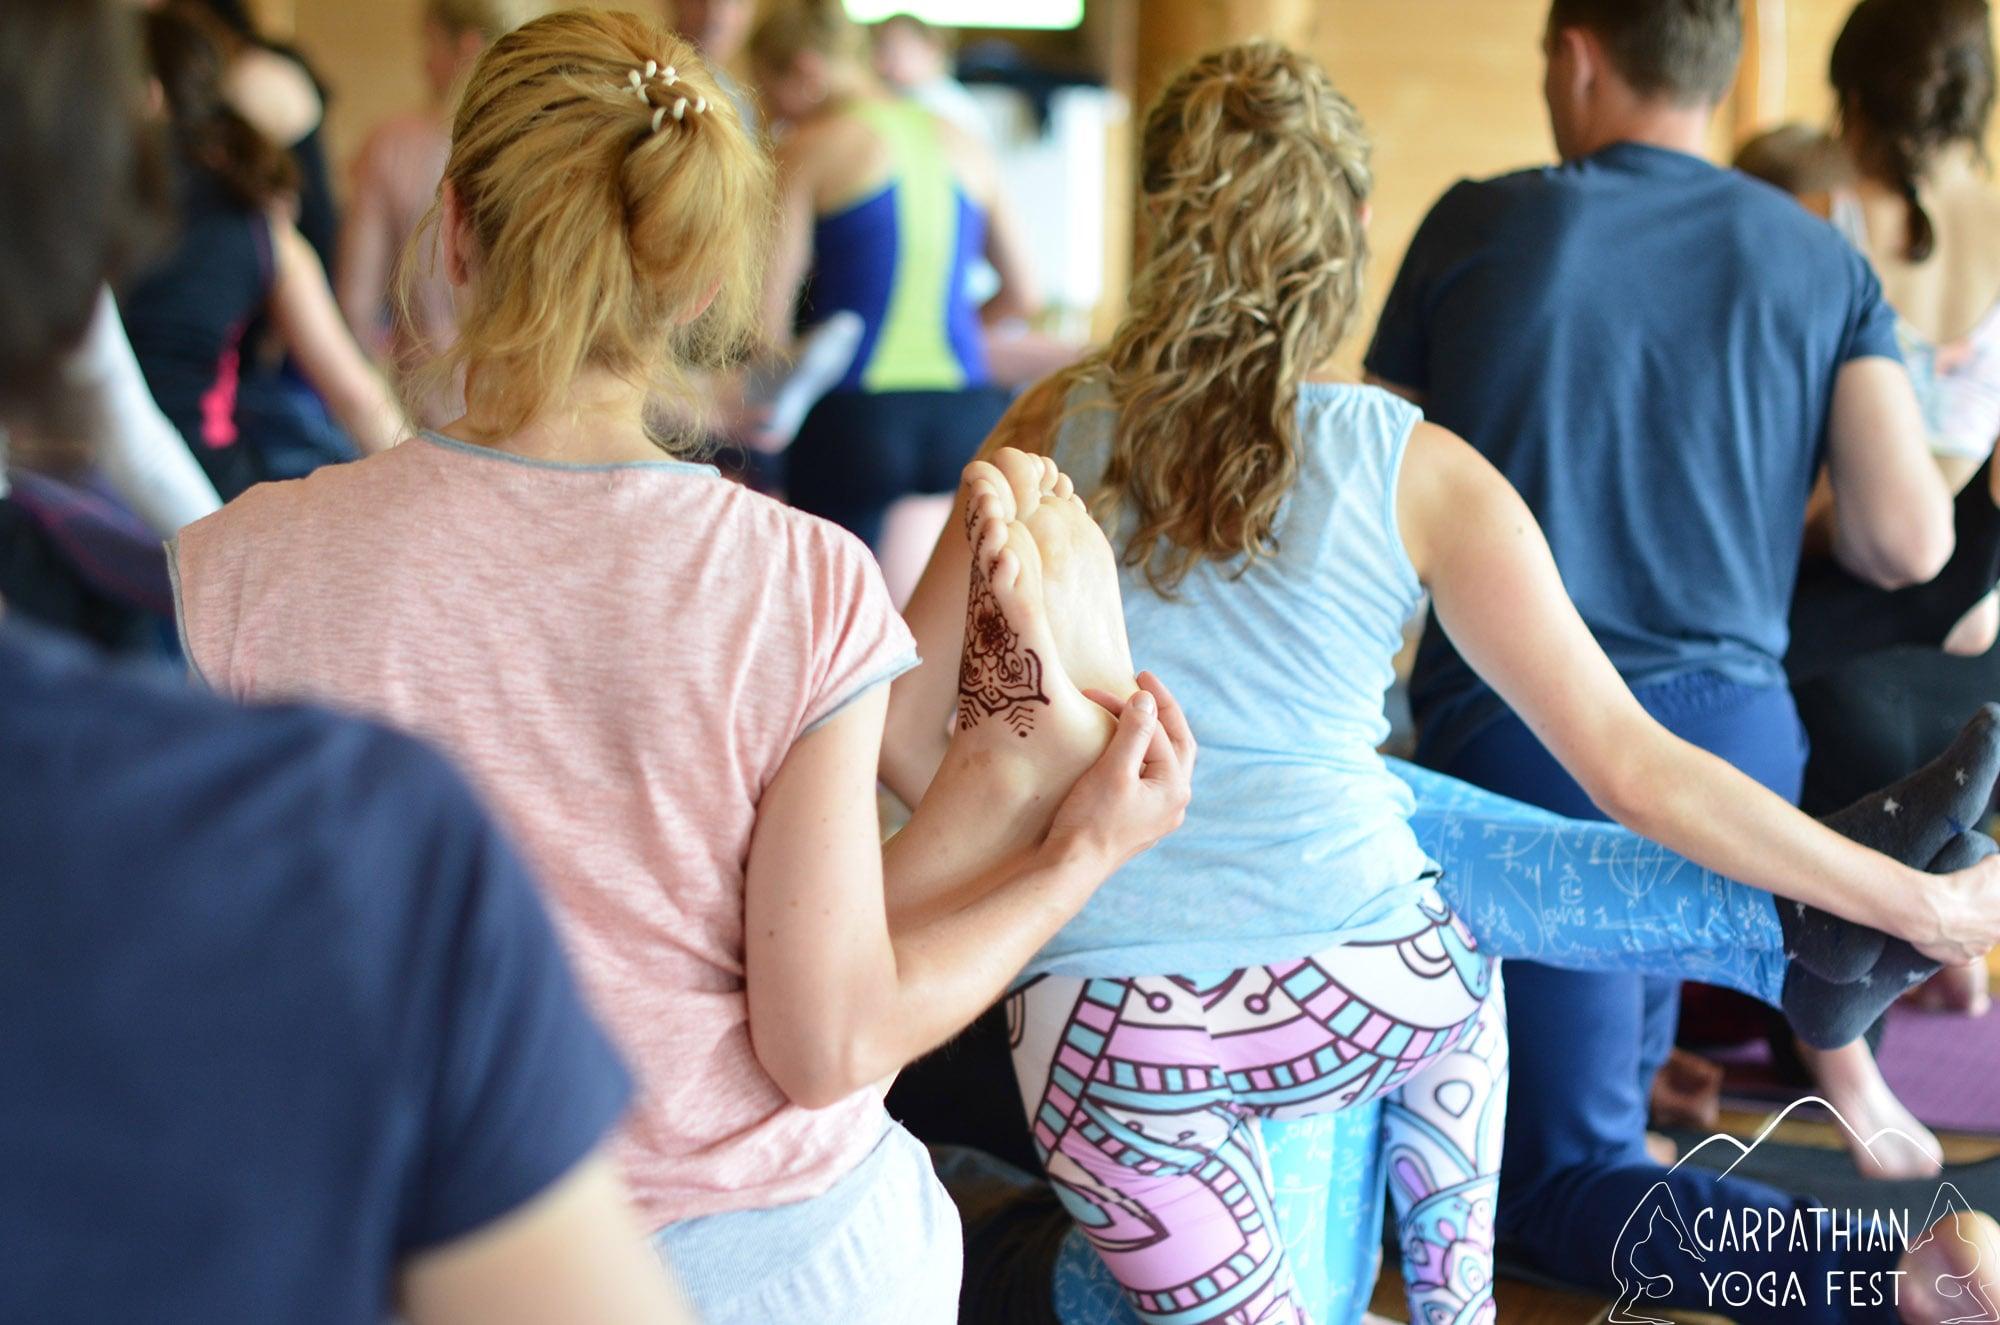 tayskiy massazh na karpatskom festivale yogi (6)-min